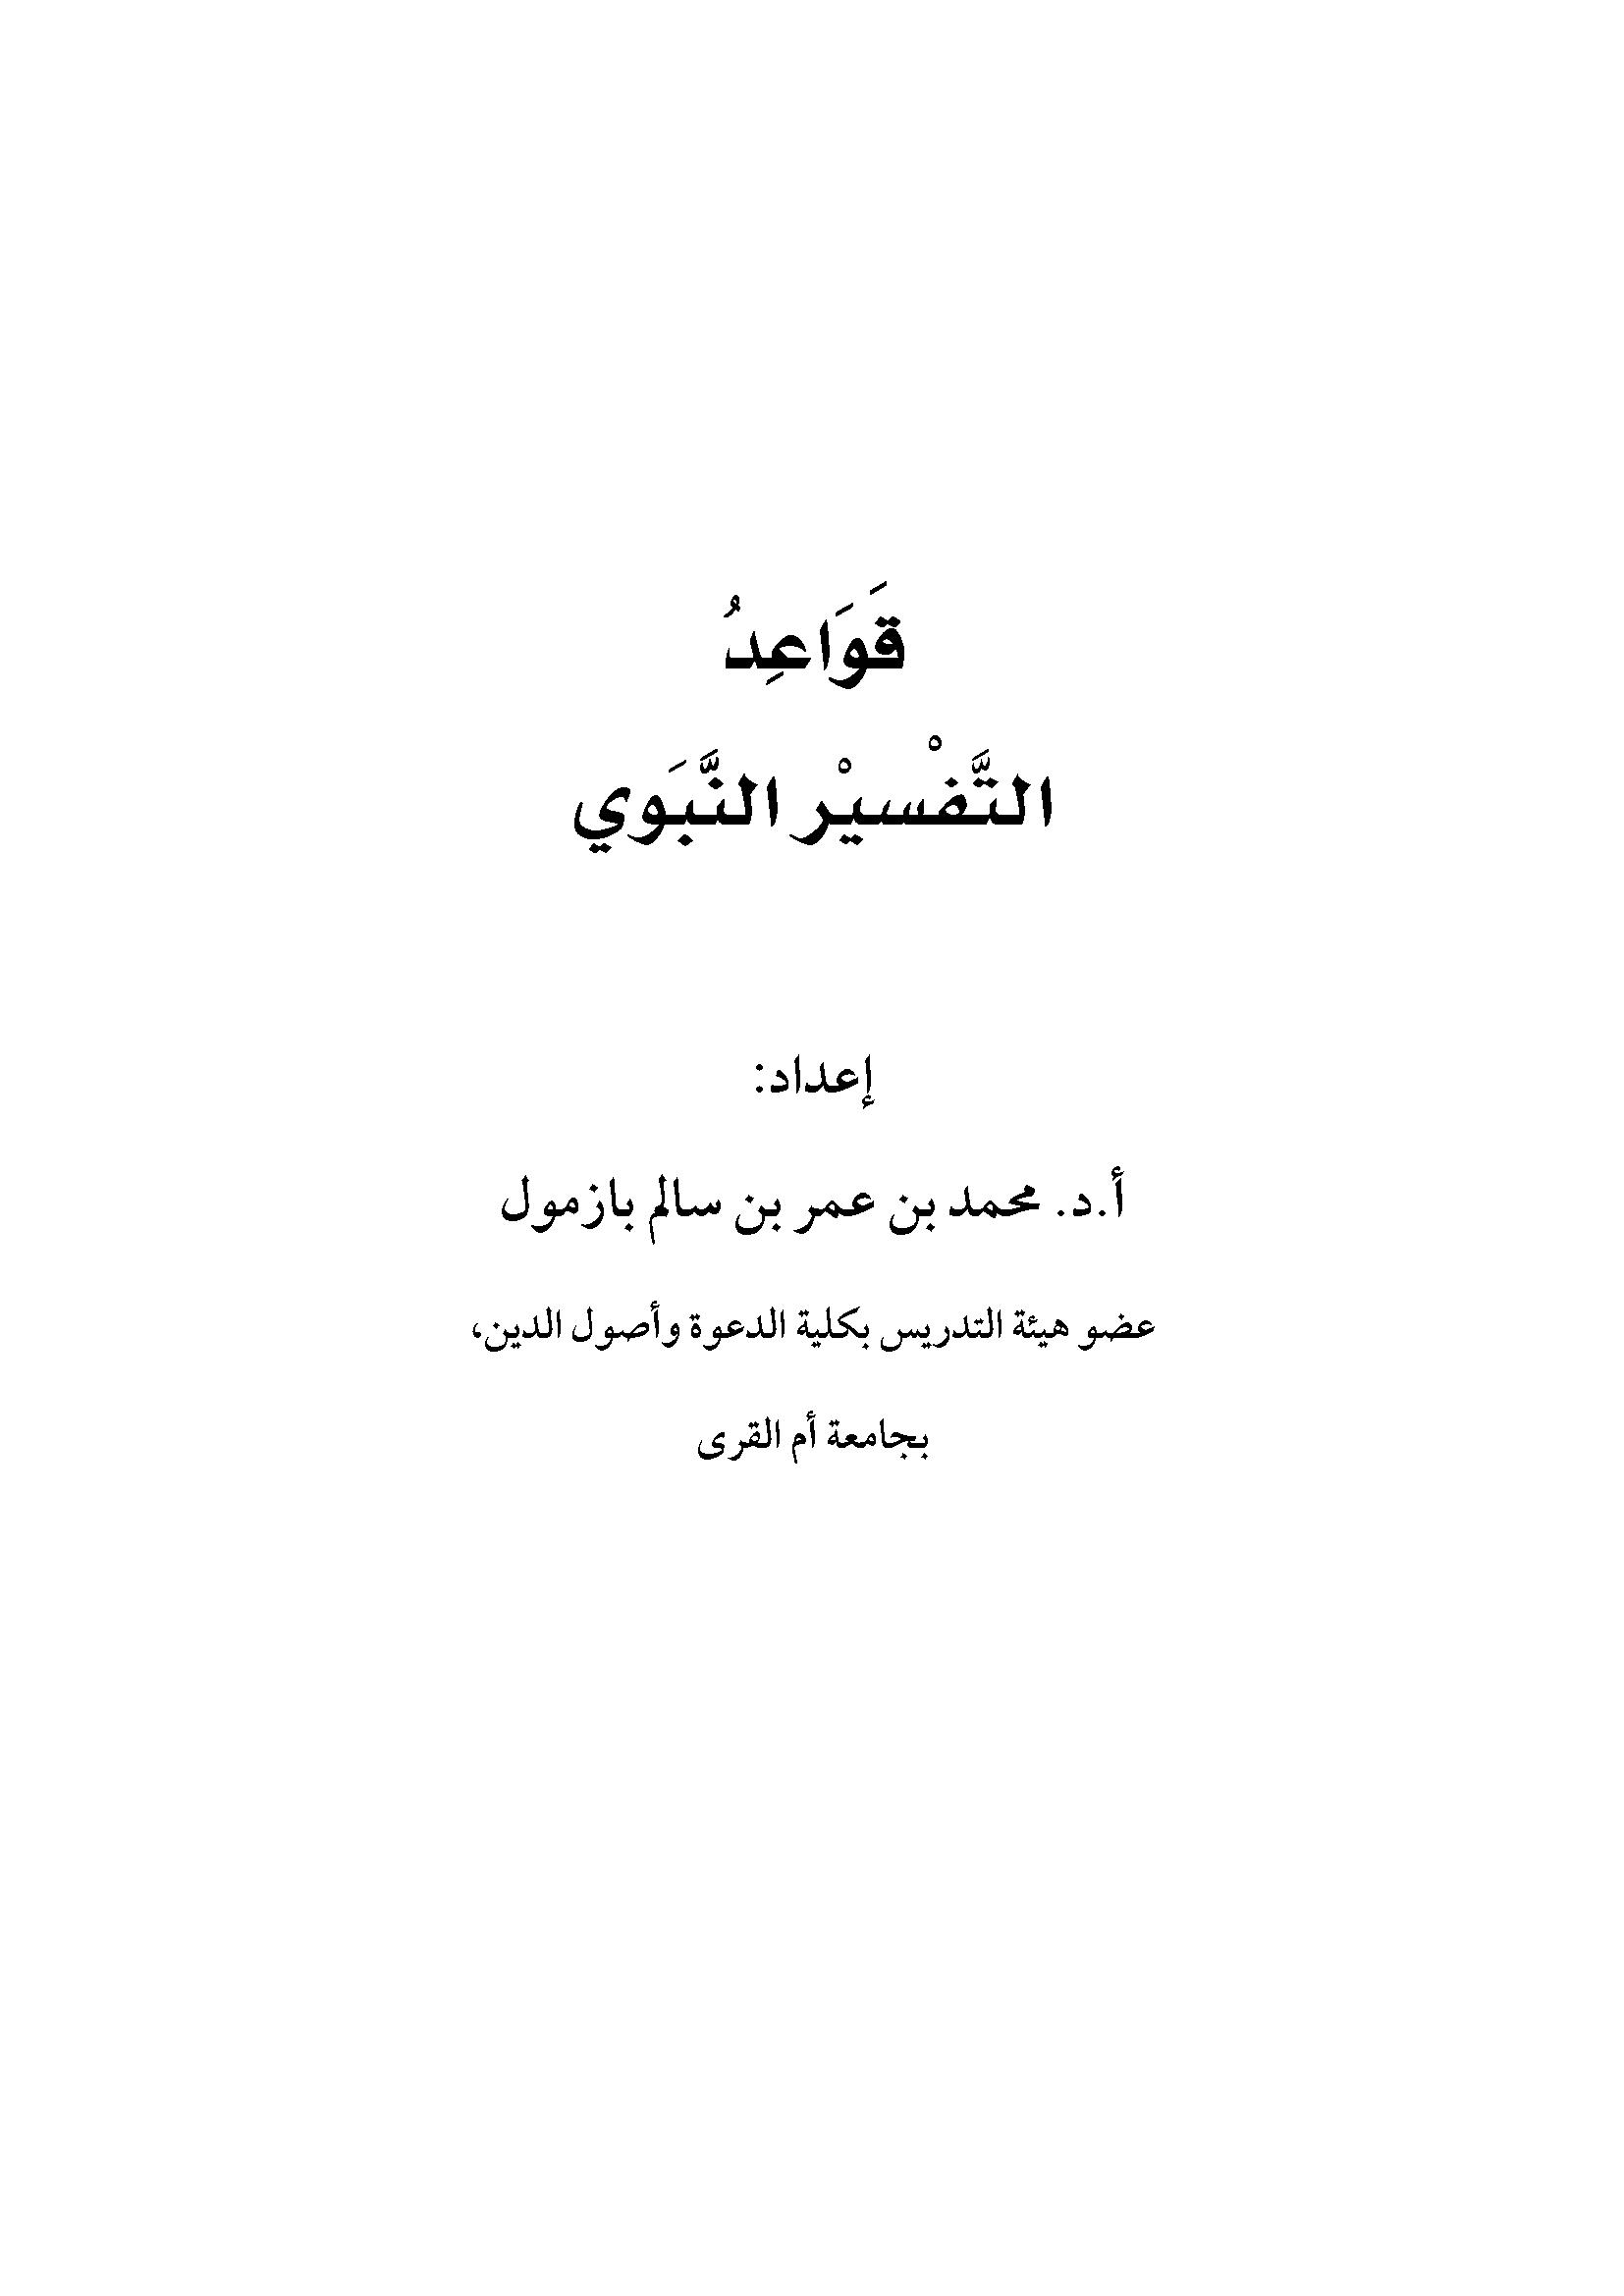 تحميل كتاب قواعد التفسير النبوي لـِ: الدكتور محمد بن عمر بن سالم بازمول